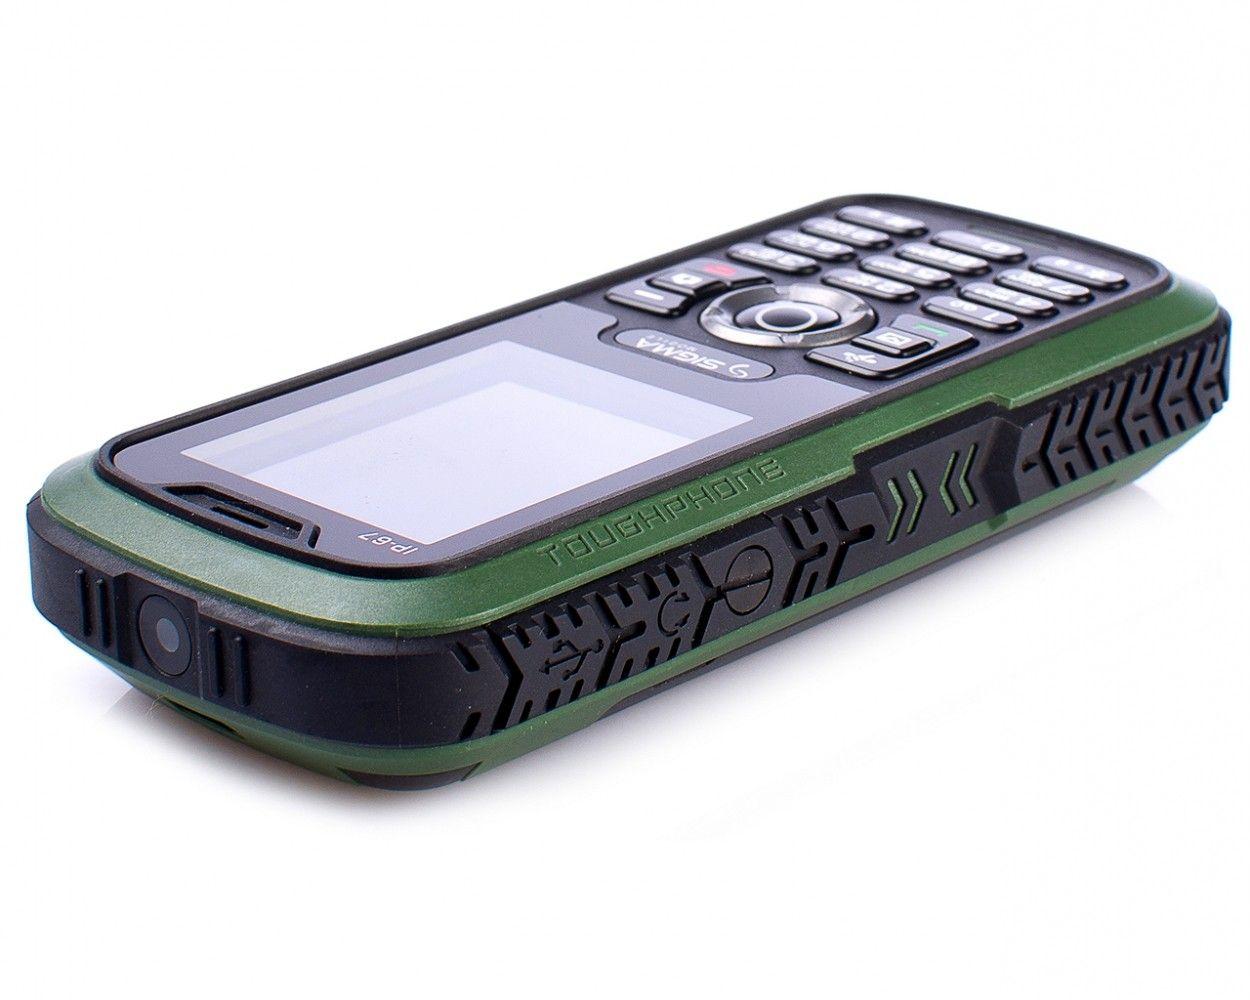 Мобильный телефон Sigma mobile X-treme IP67 Green - 4